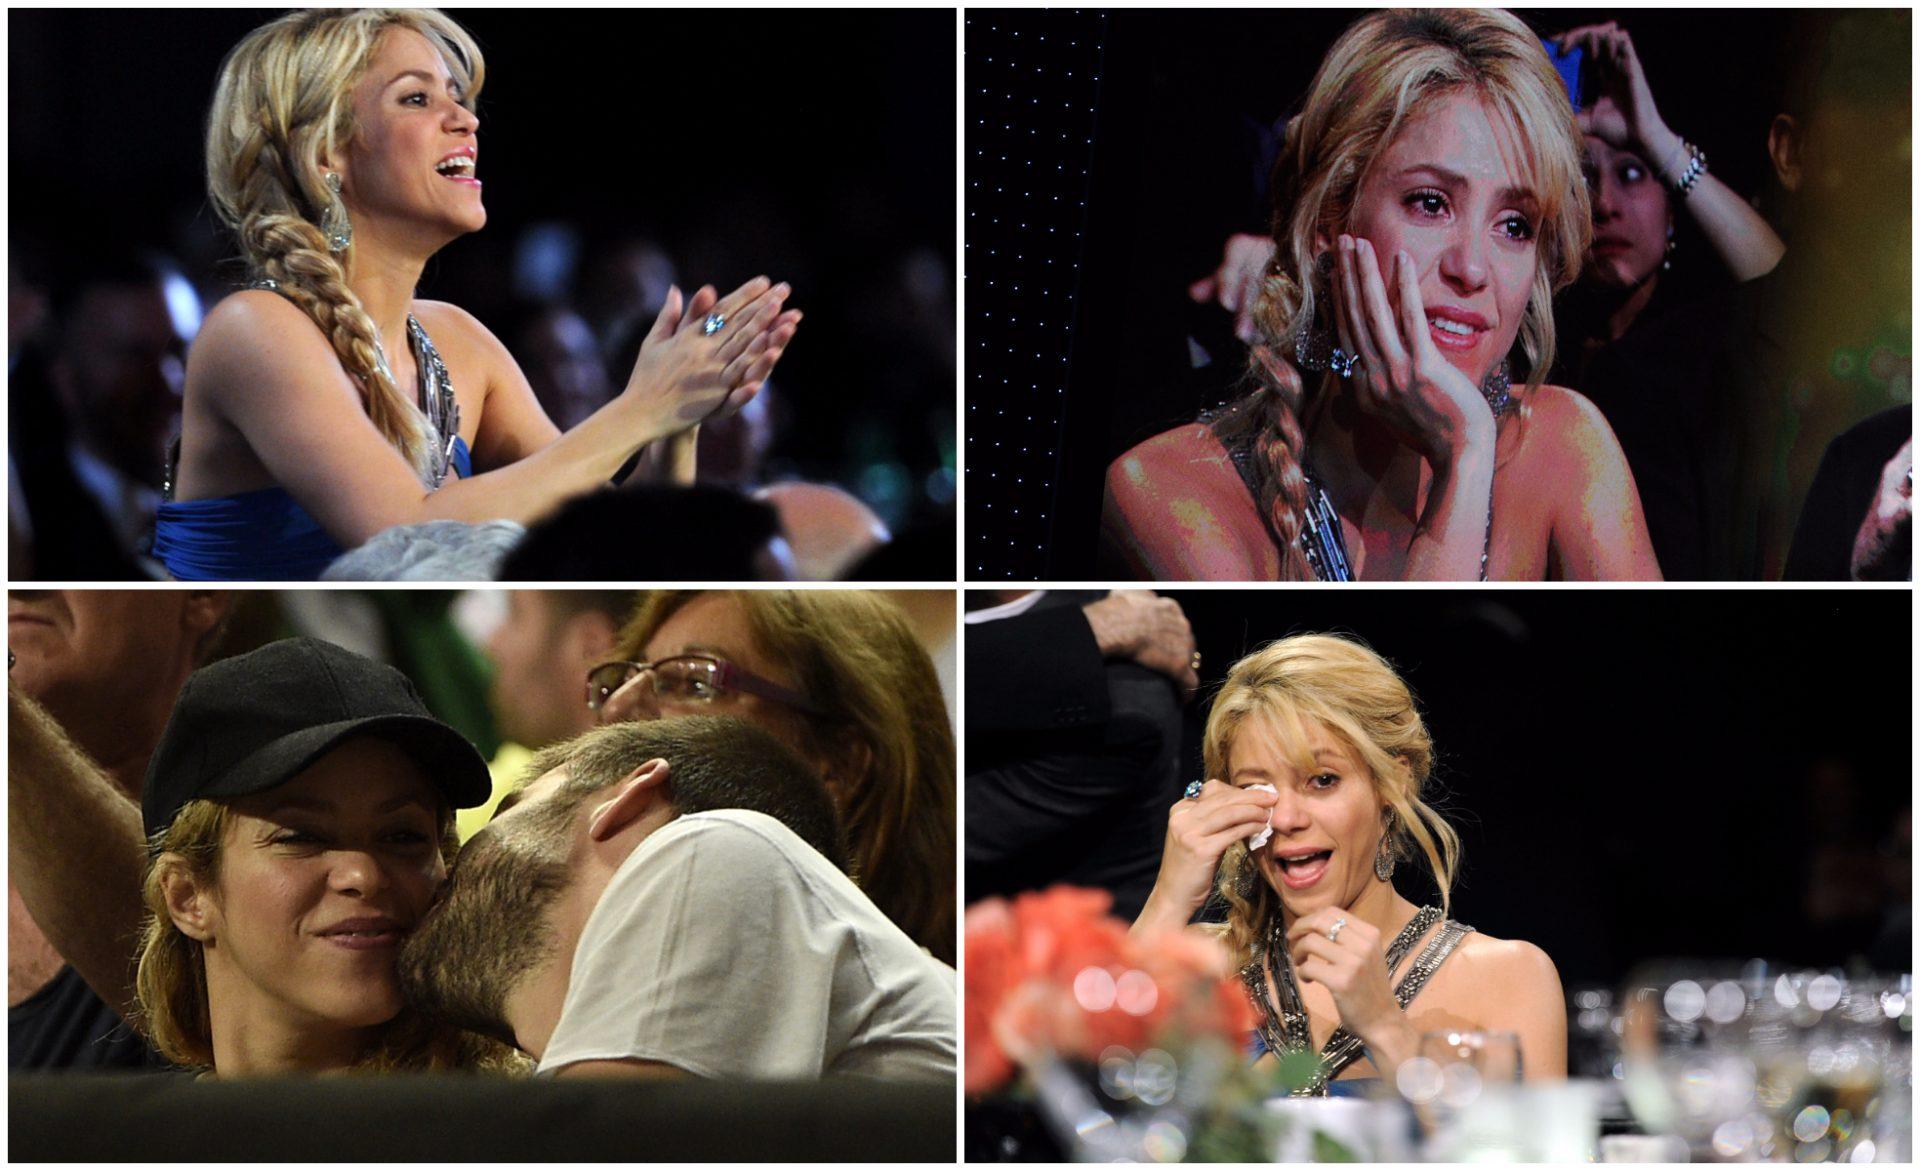 Shakira vive el momento más duro de su carrera, perdió su voz y está tratando de recuperarse